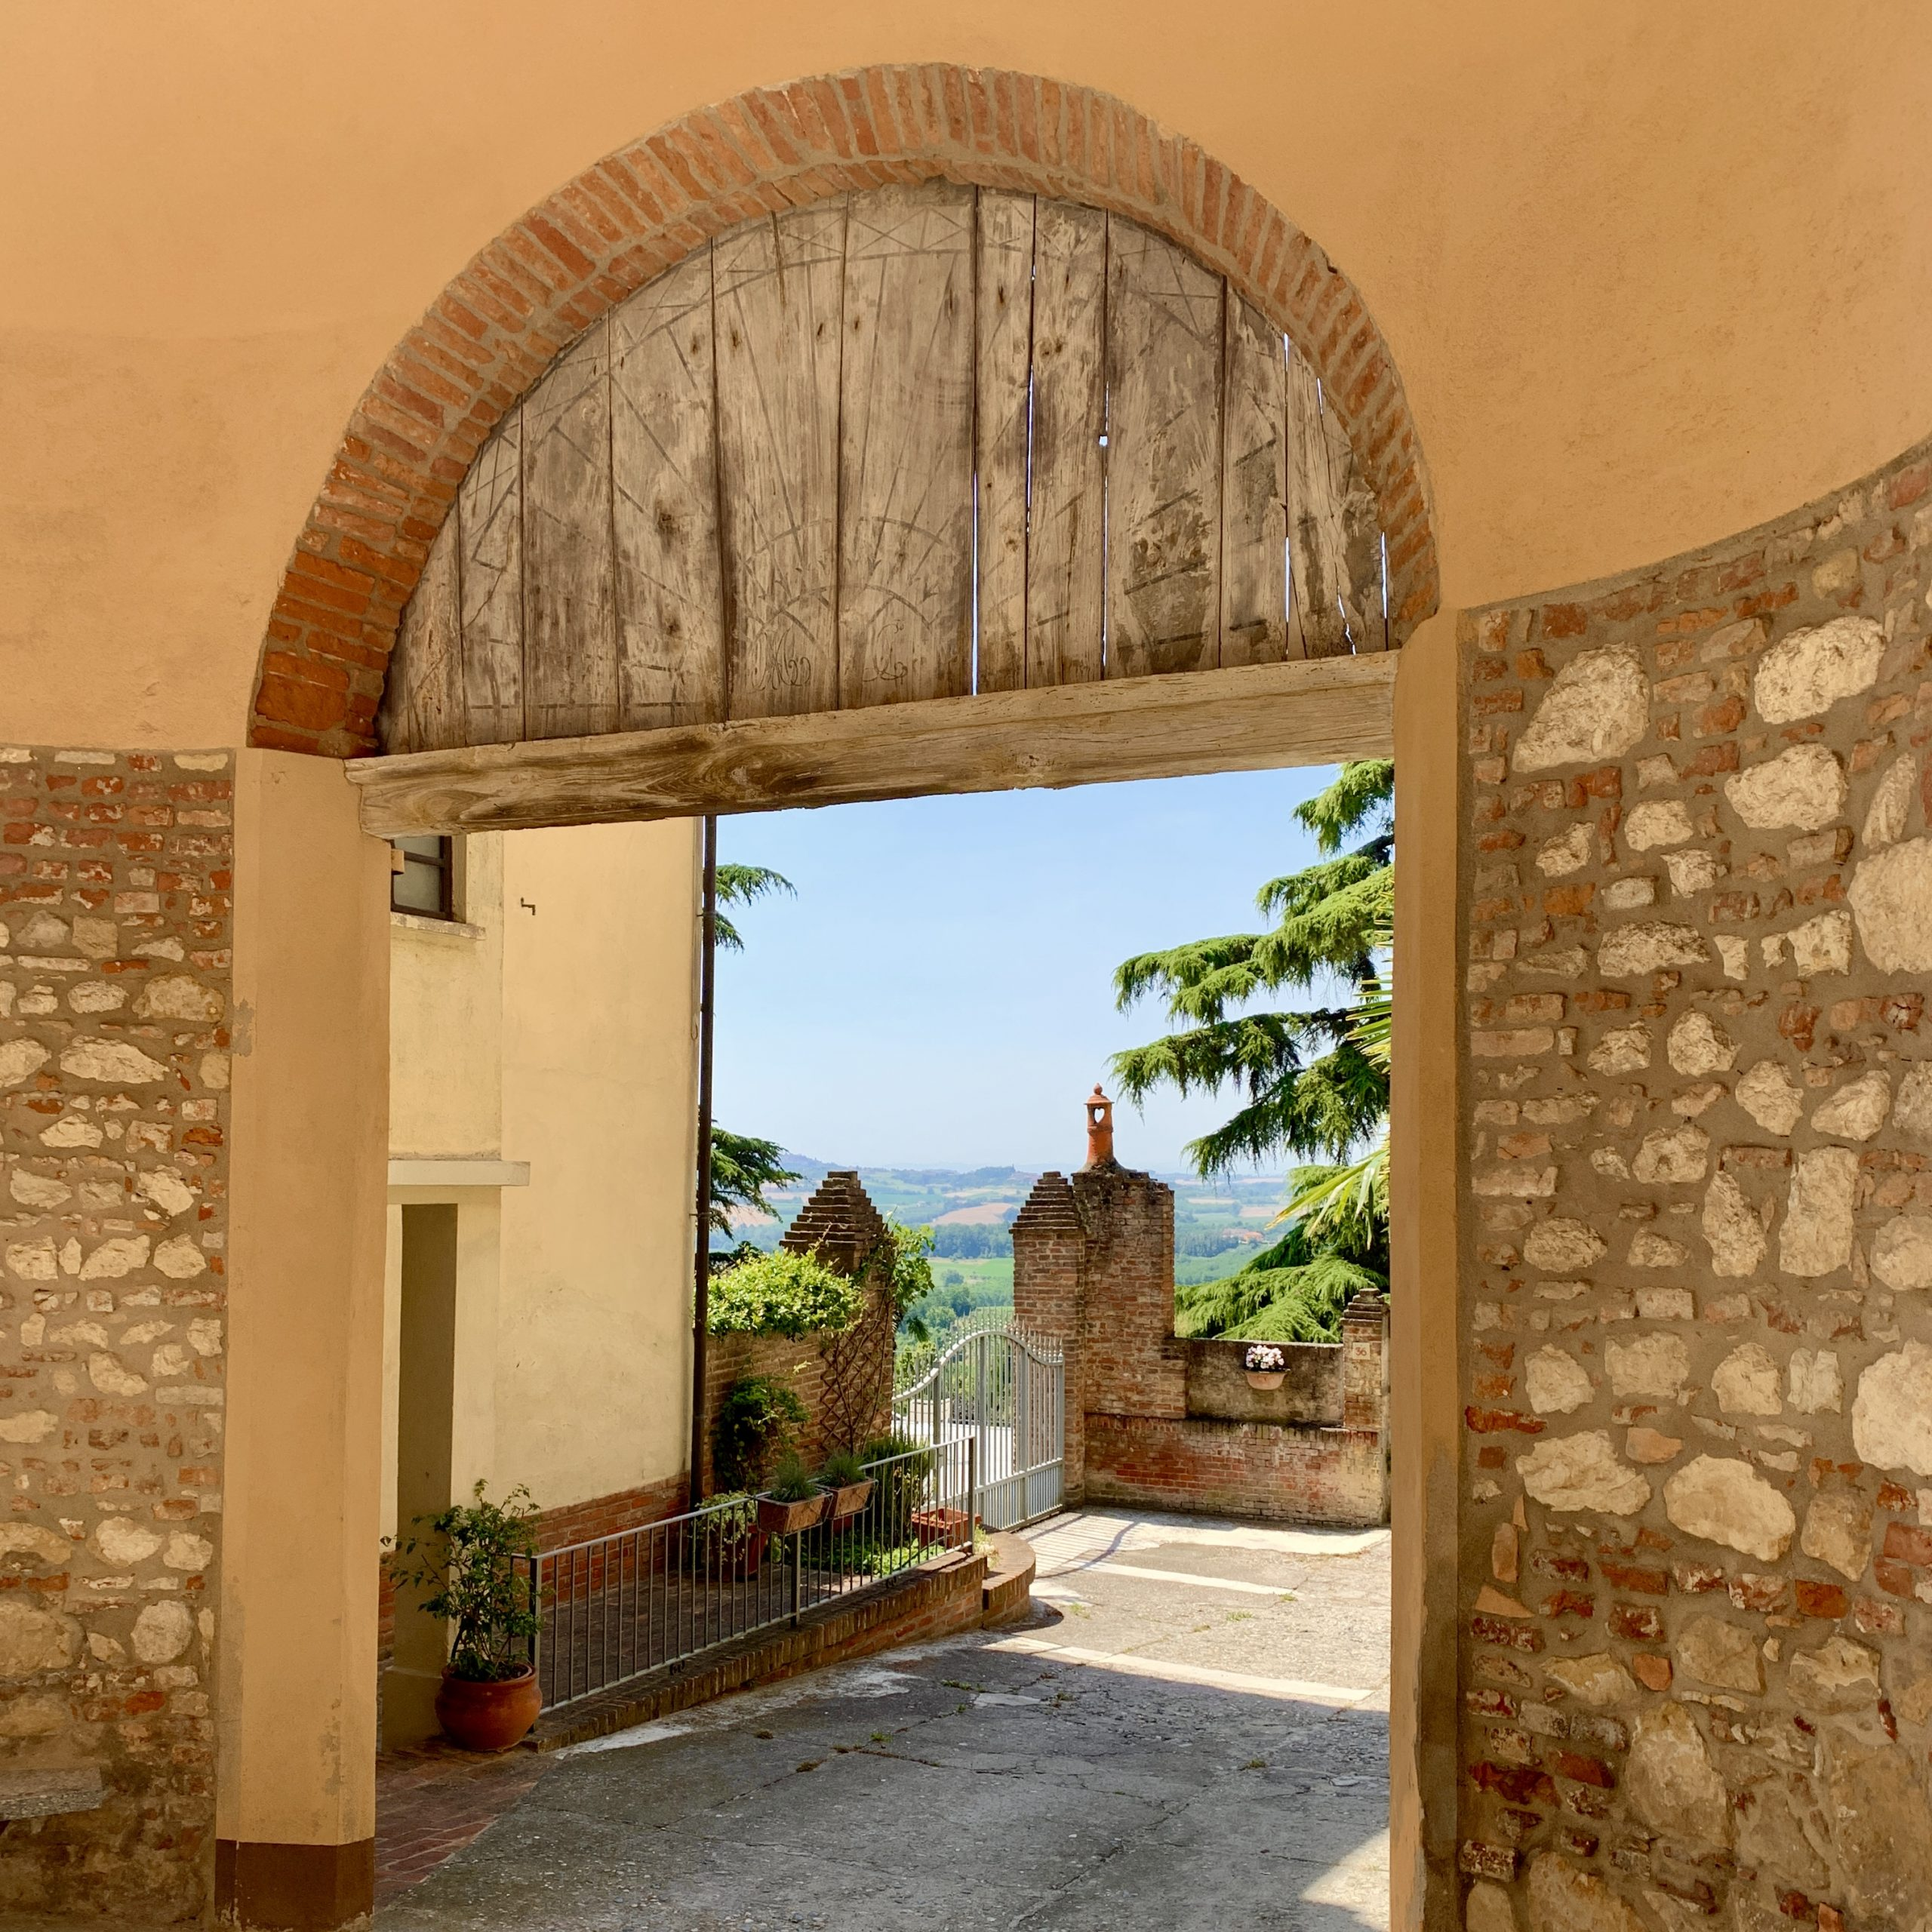 Cella Monte. A view.